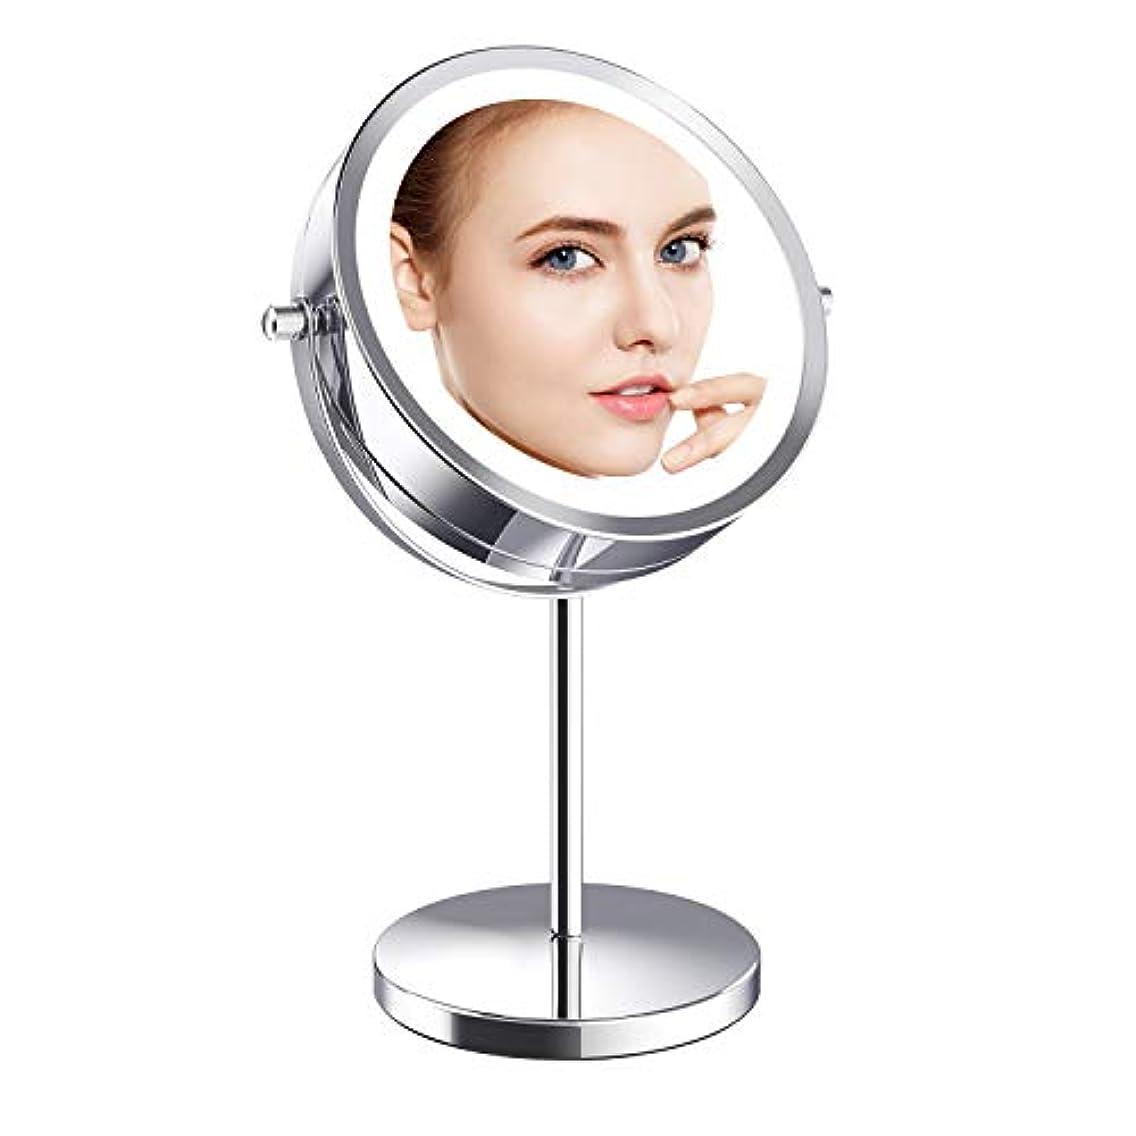 音節予測する十二Gospire 化粧鏡 10倍拡大鏡+等倍鏡 LED卓上化粧鏡 メイクミラー 両面型 360度回転式 日本語説明書付き ライティングミラー プレゼント